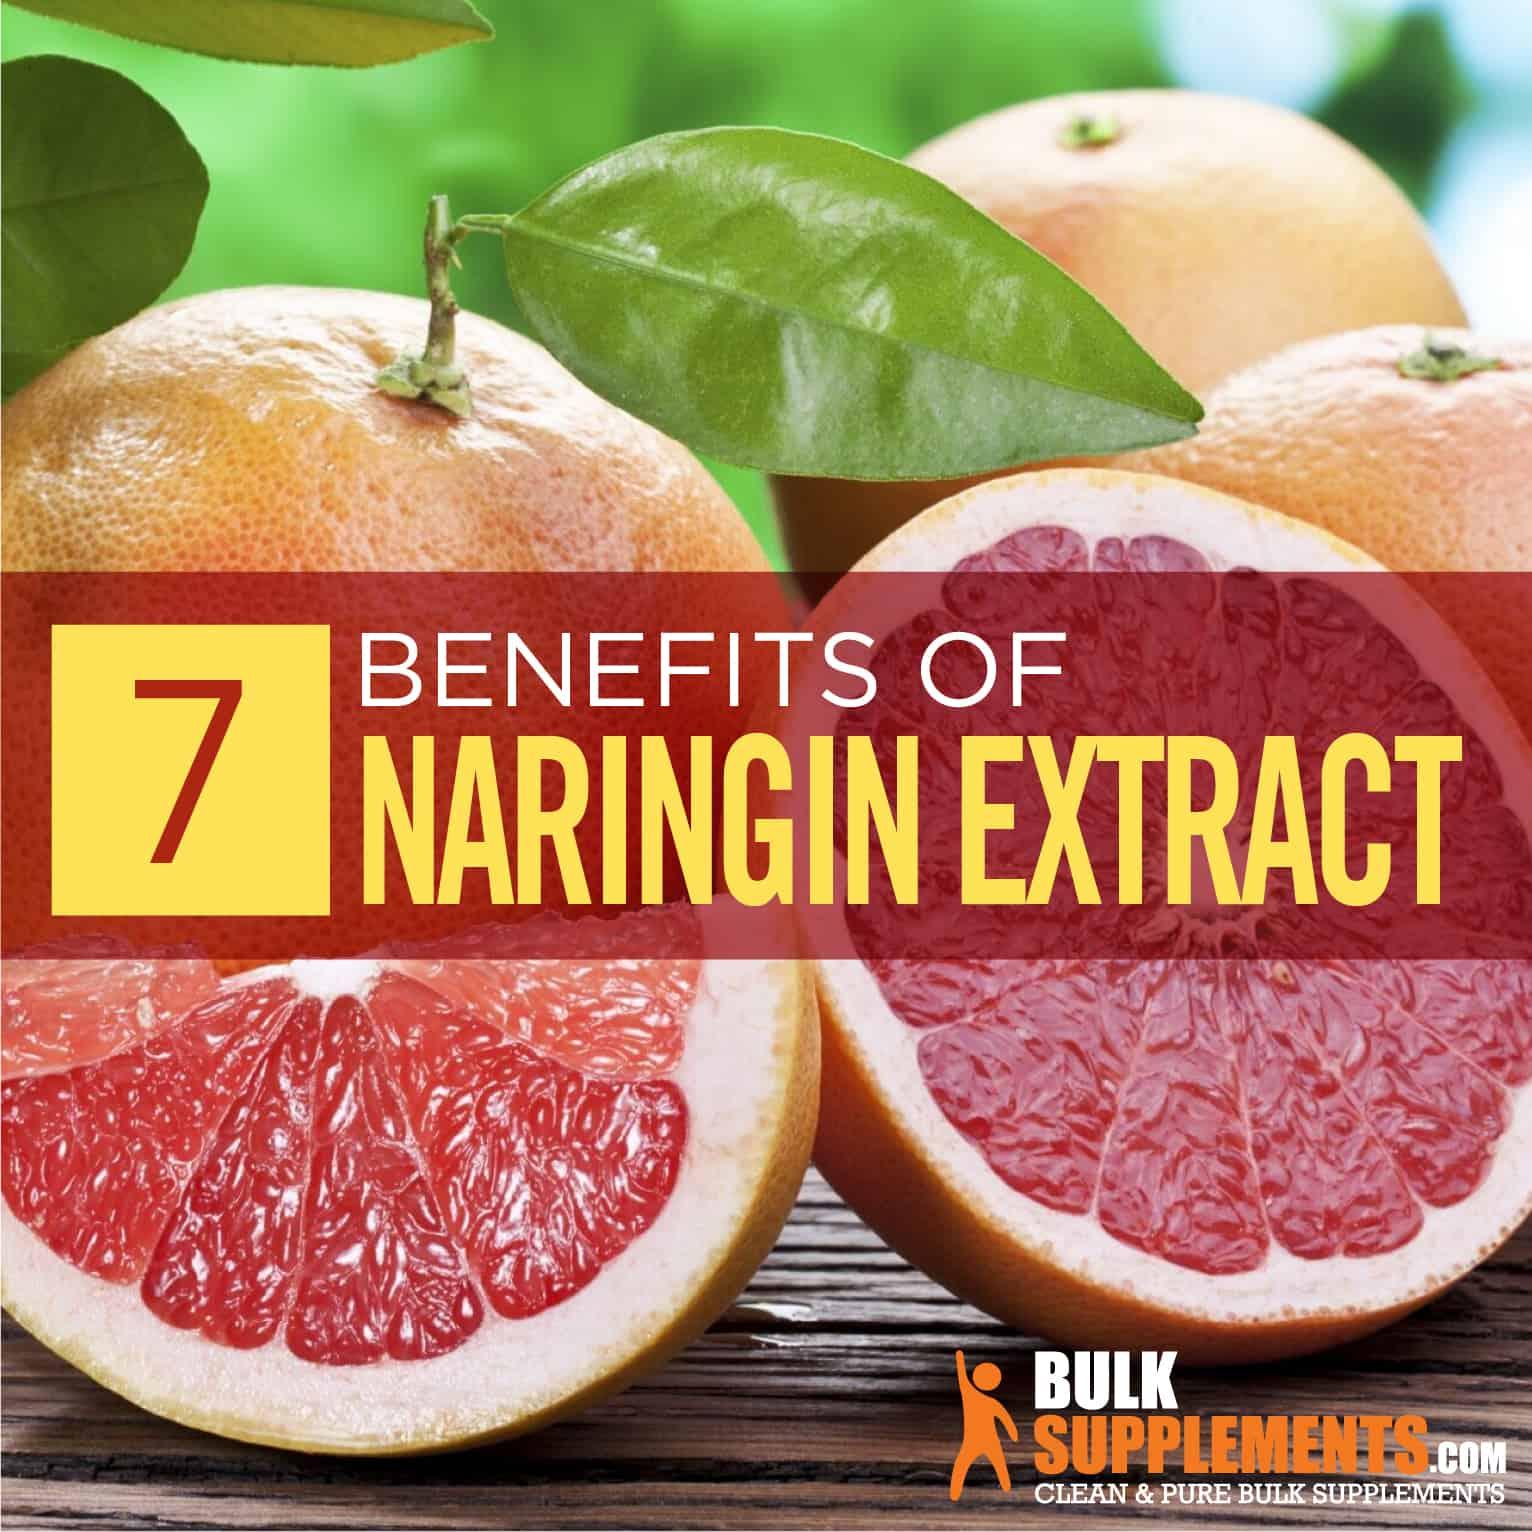 Naringin Extract